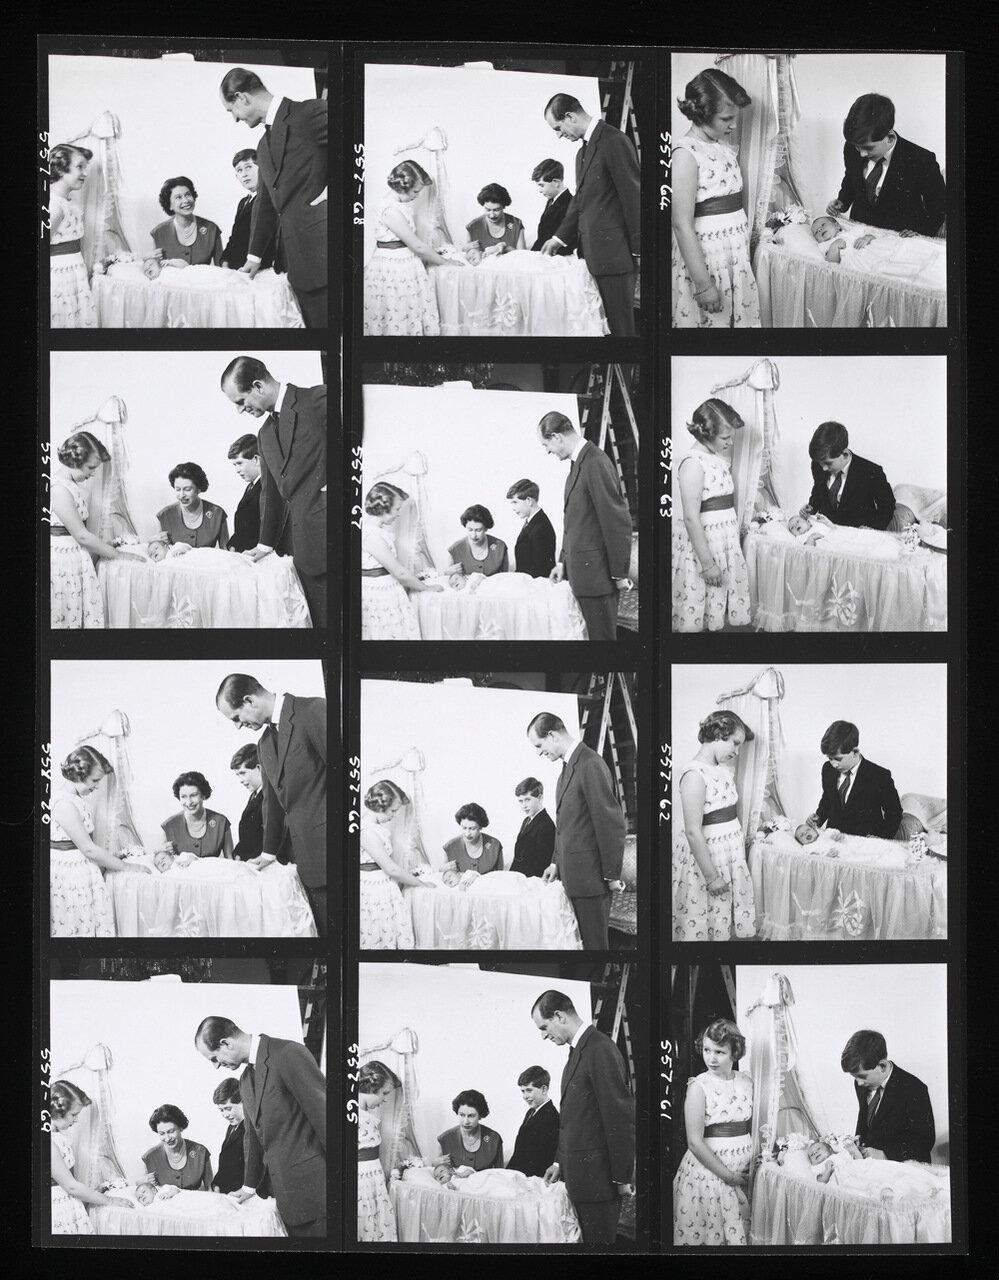 Королева Елизавета II, Принц Филипп, Принц Чарльз, Принцесса Анна и принц Андрю. март 1960 г.